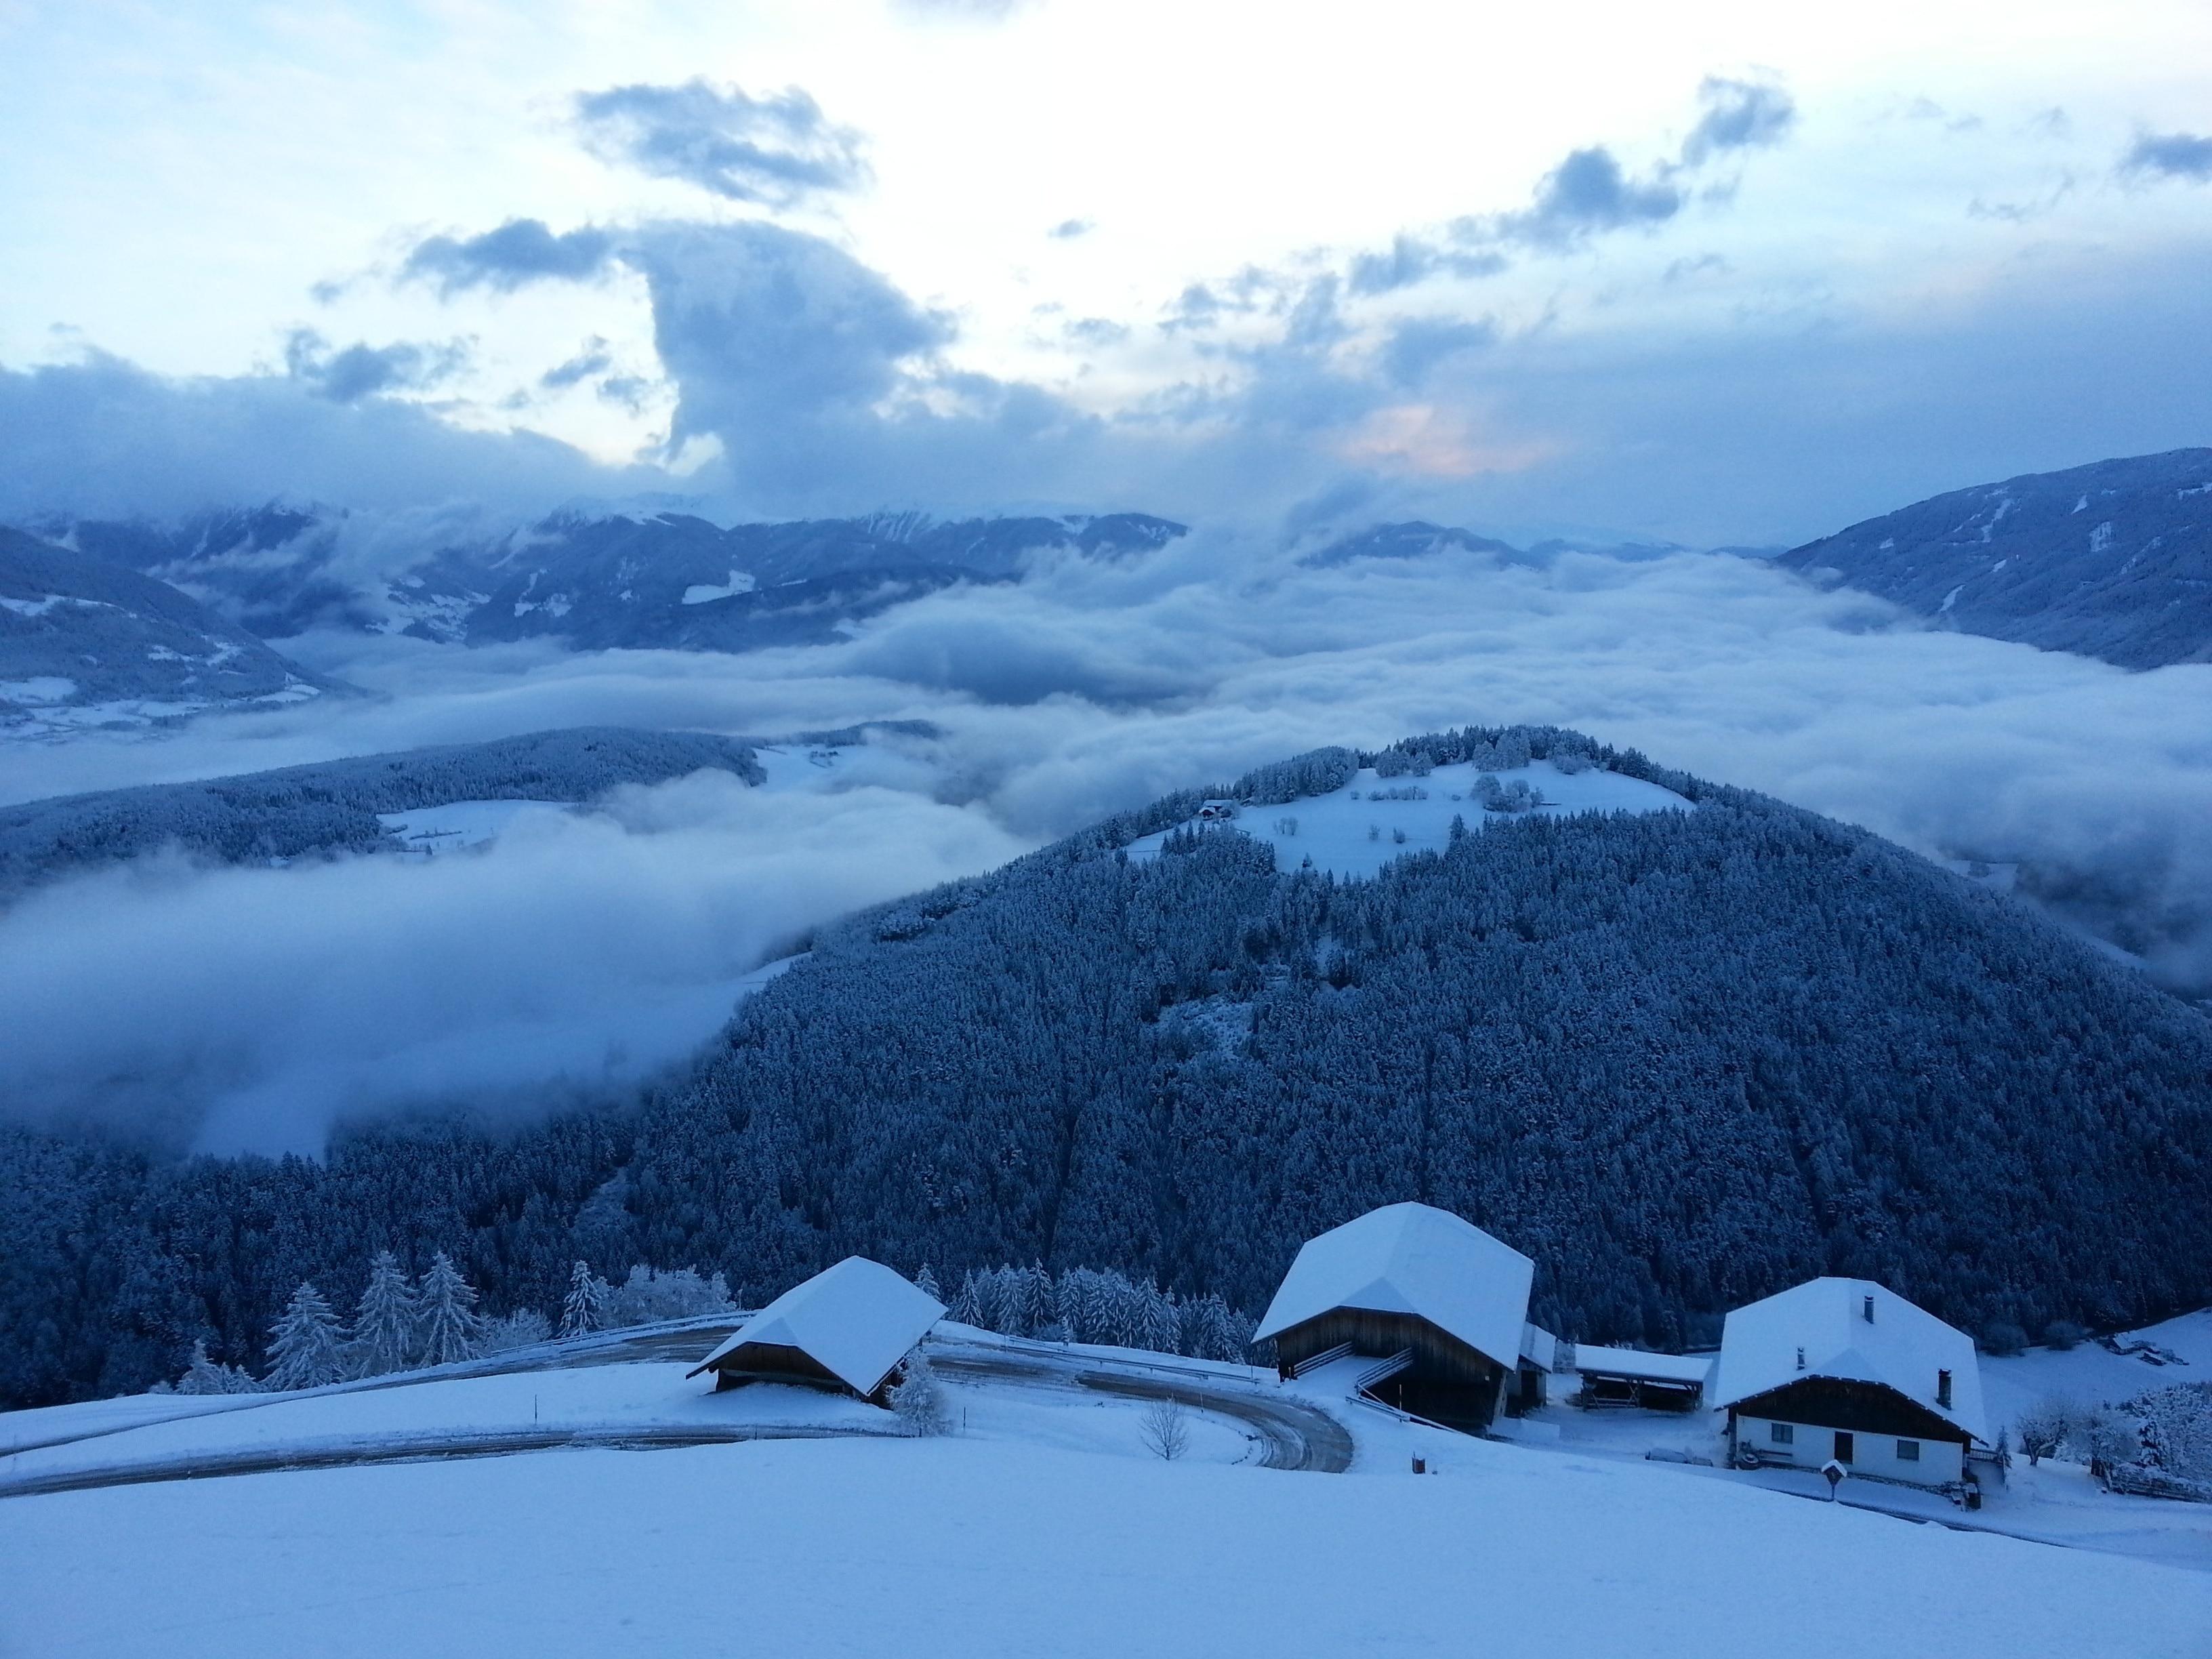 San Lorenzo di Sebato, Trentino-Alto Adige, Italy